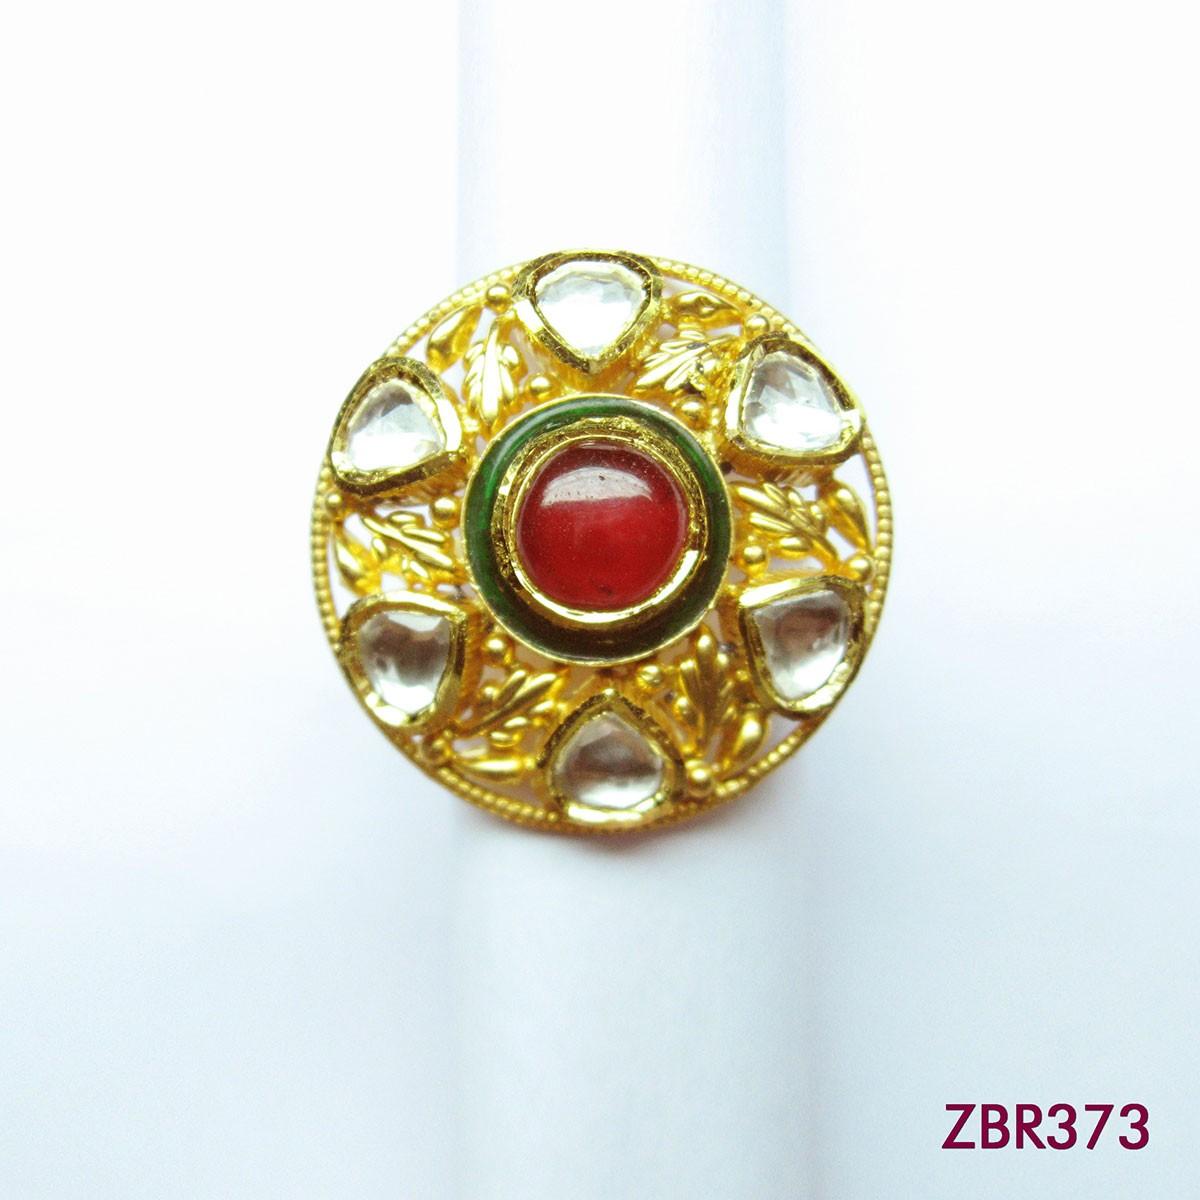 ZBR373